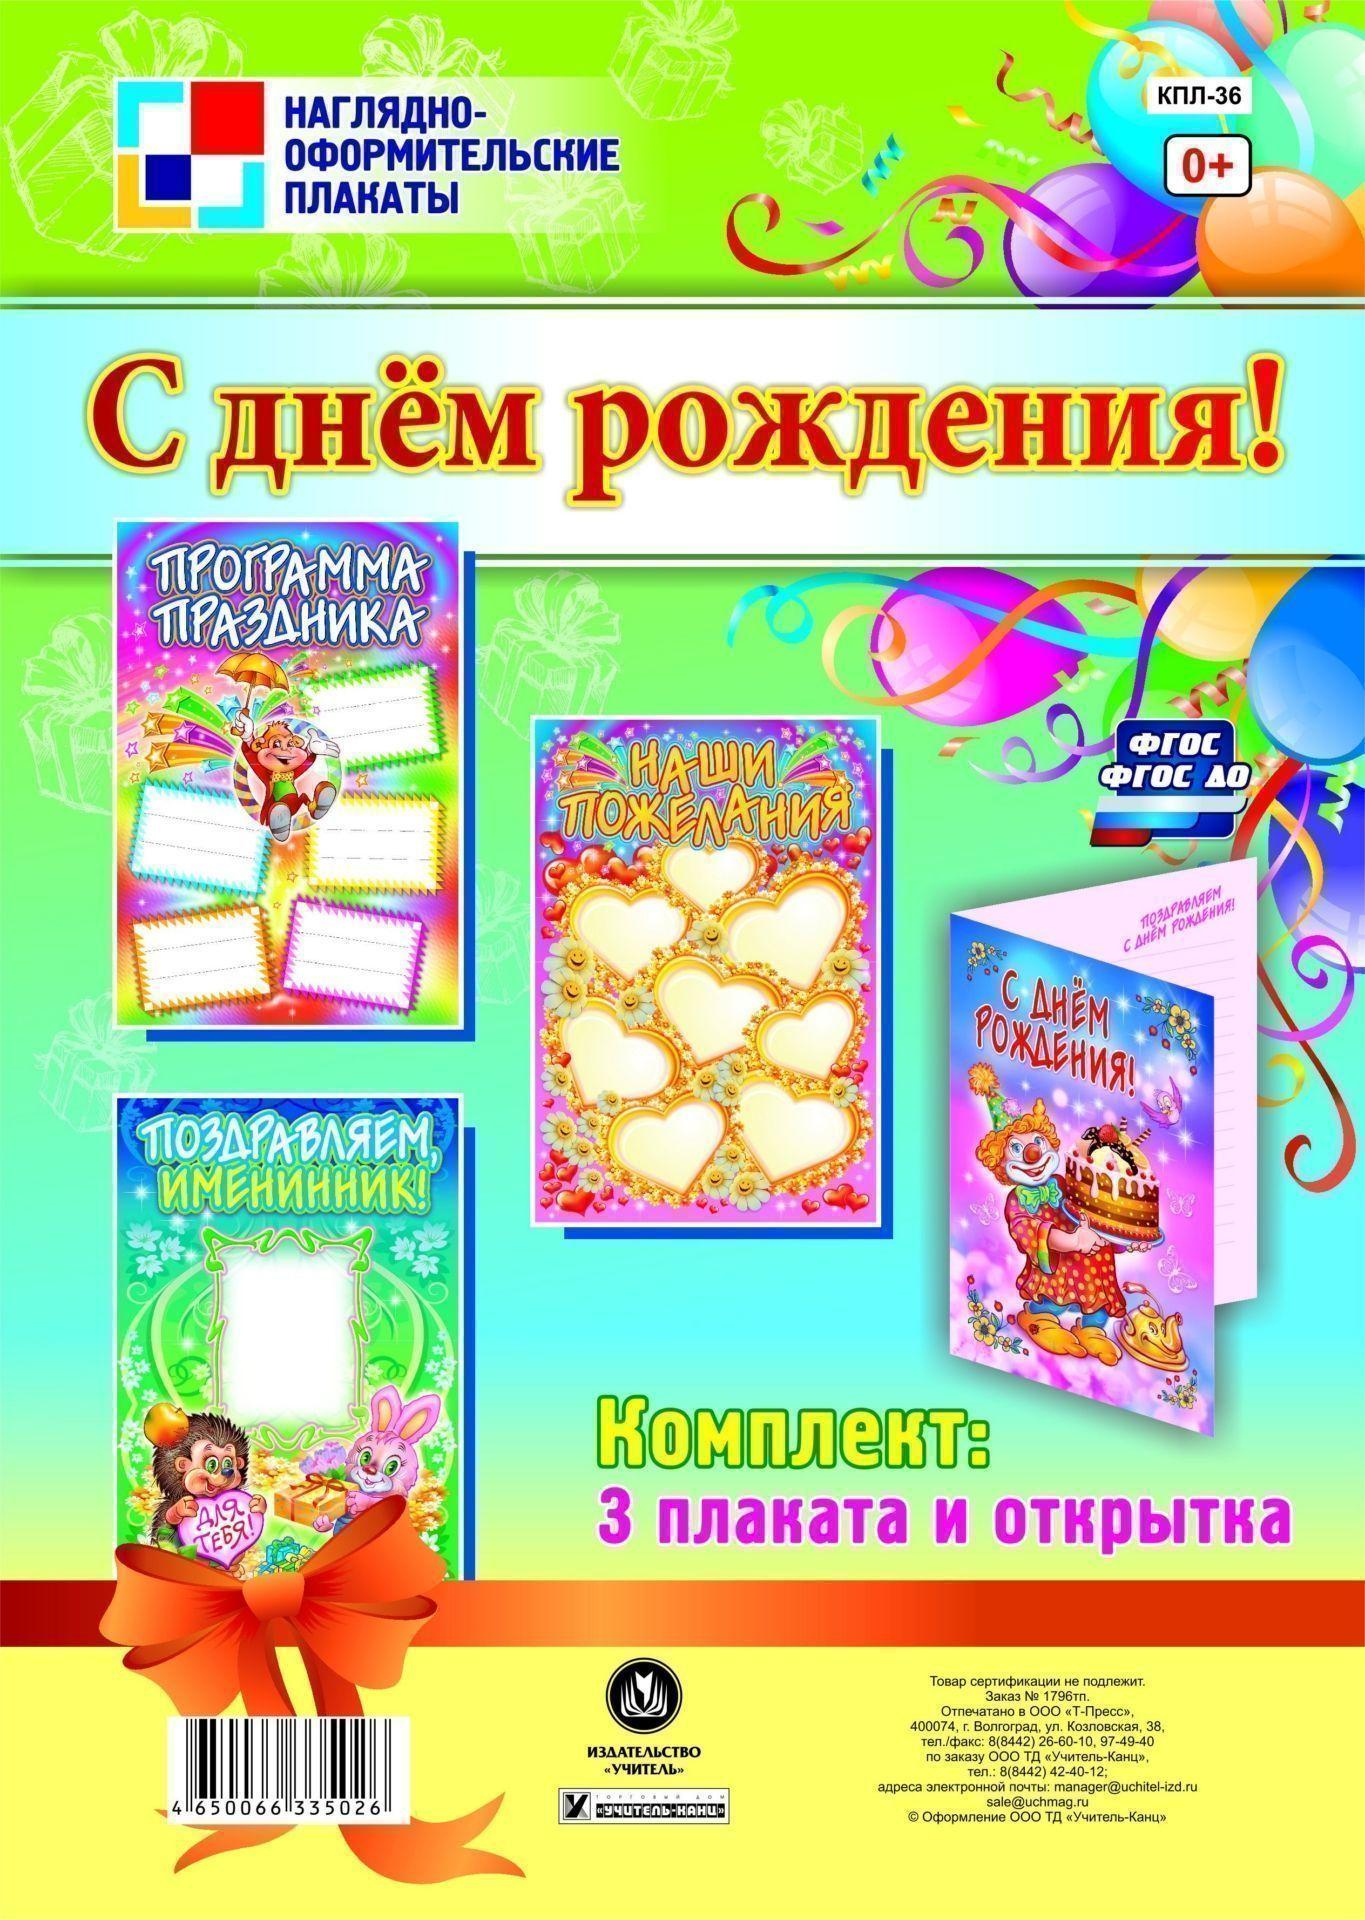 Комплект плакатов С днём рождения! (3 плаката)Плакаты, постеры, карты<br>В комплекте 3 плаката Поздравляем, именинник!, Доска пожеланий, Программа праздника, открытка Поздравляем с Днём рождения!<br><br>Год: 2017<br>Серия: Наглядно-оформительские плакаты<br>Высота: 297<br>Ширина: 420